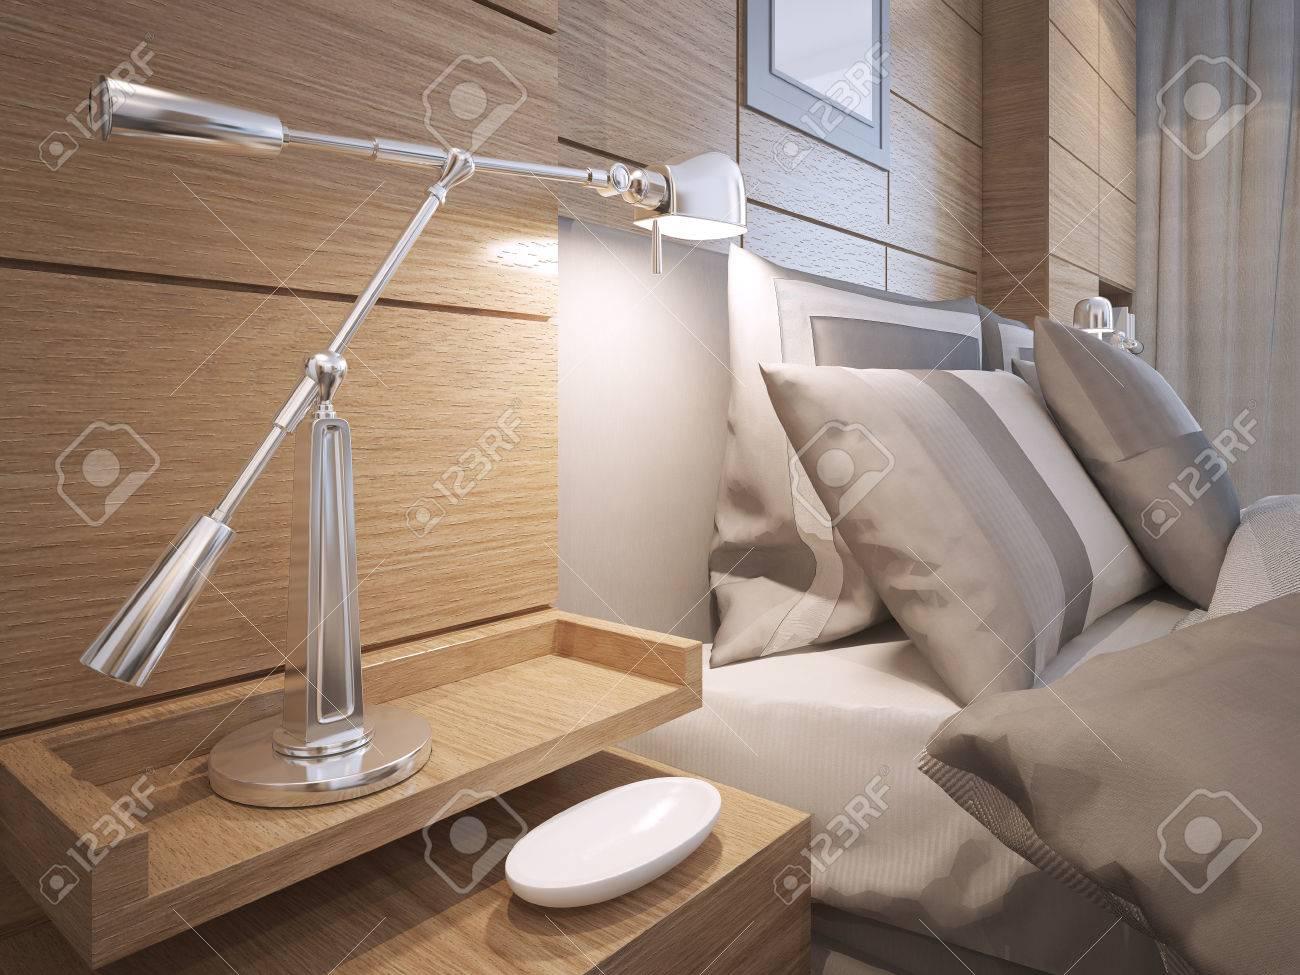 Idée de chambre en mezzanine. Chevet étagères avec lampe dans la chambre  avec des murs lambrissés bruns. 3D render